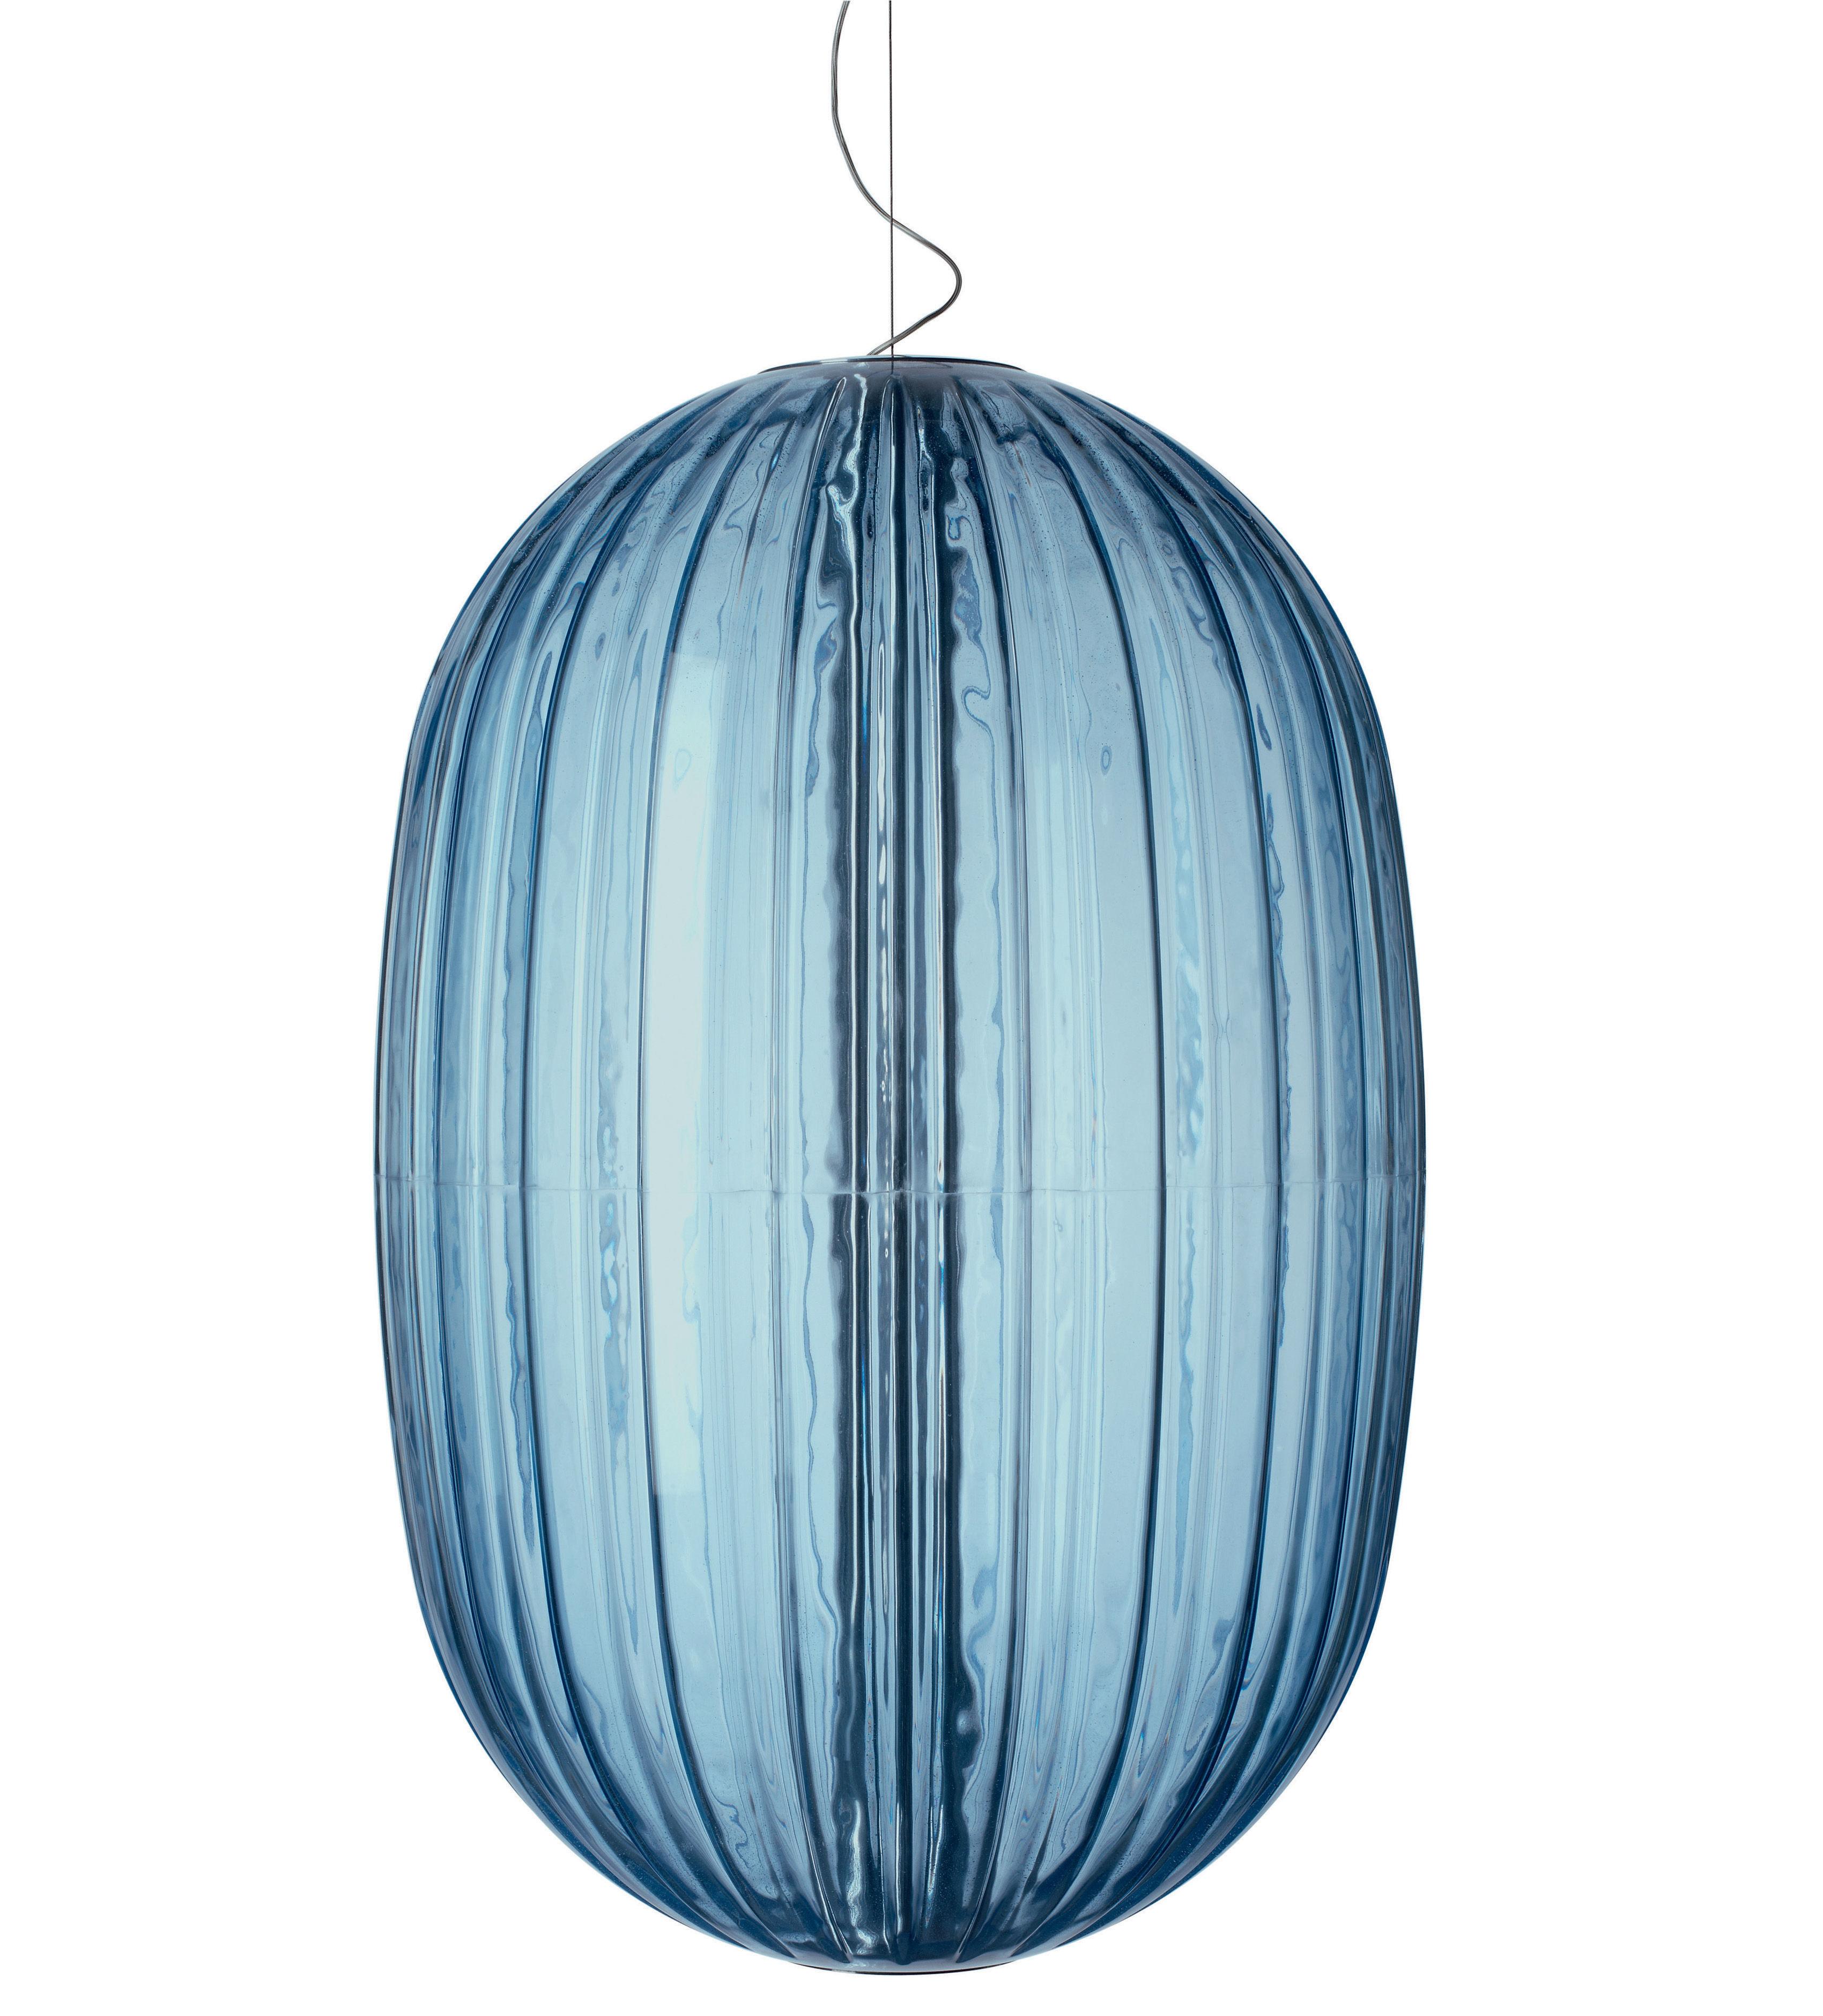 Illuminazione - Lampadari - Sospensione Plass - Ø 75 x H 114 cm di Foscarini - Blu - Policarbonato roto-stampato